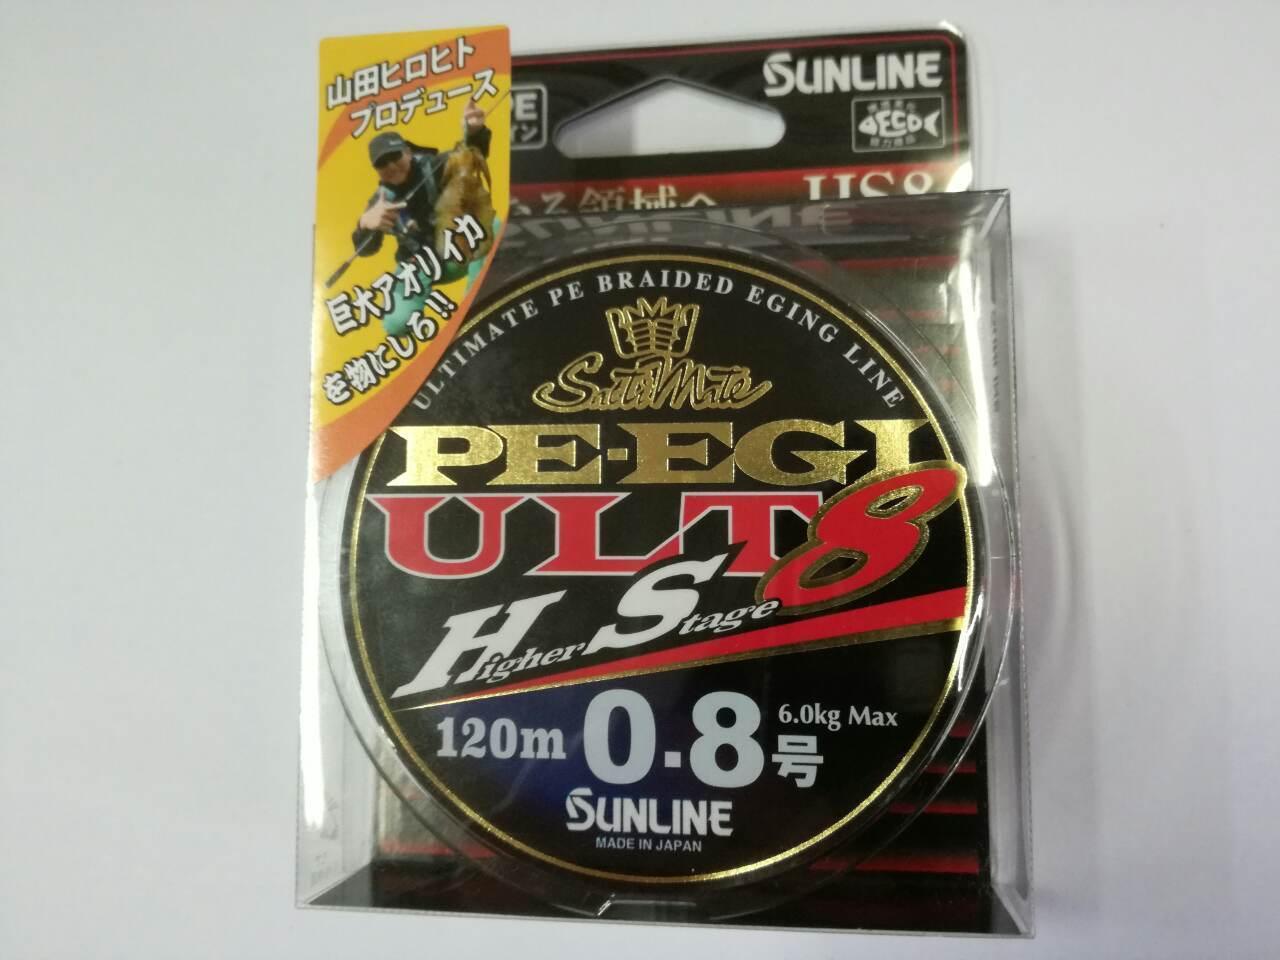 Sunline ULT PE EGI ULT Sunline HS8 120m Braided Line  0.7   0.8   1 e870e1